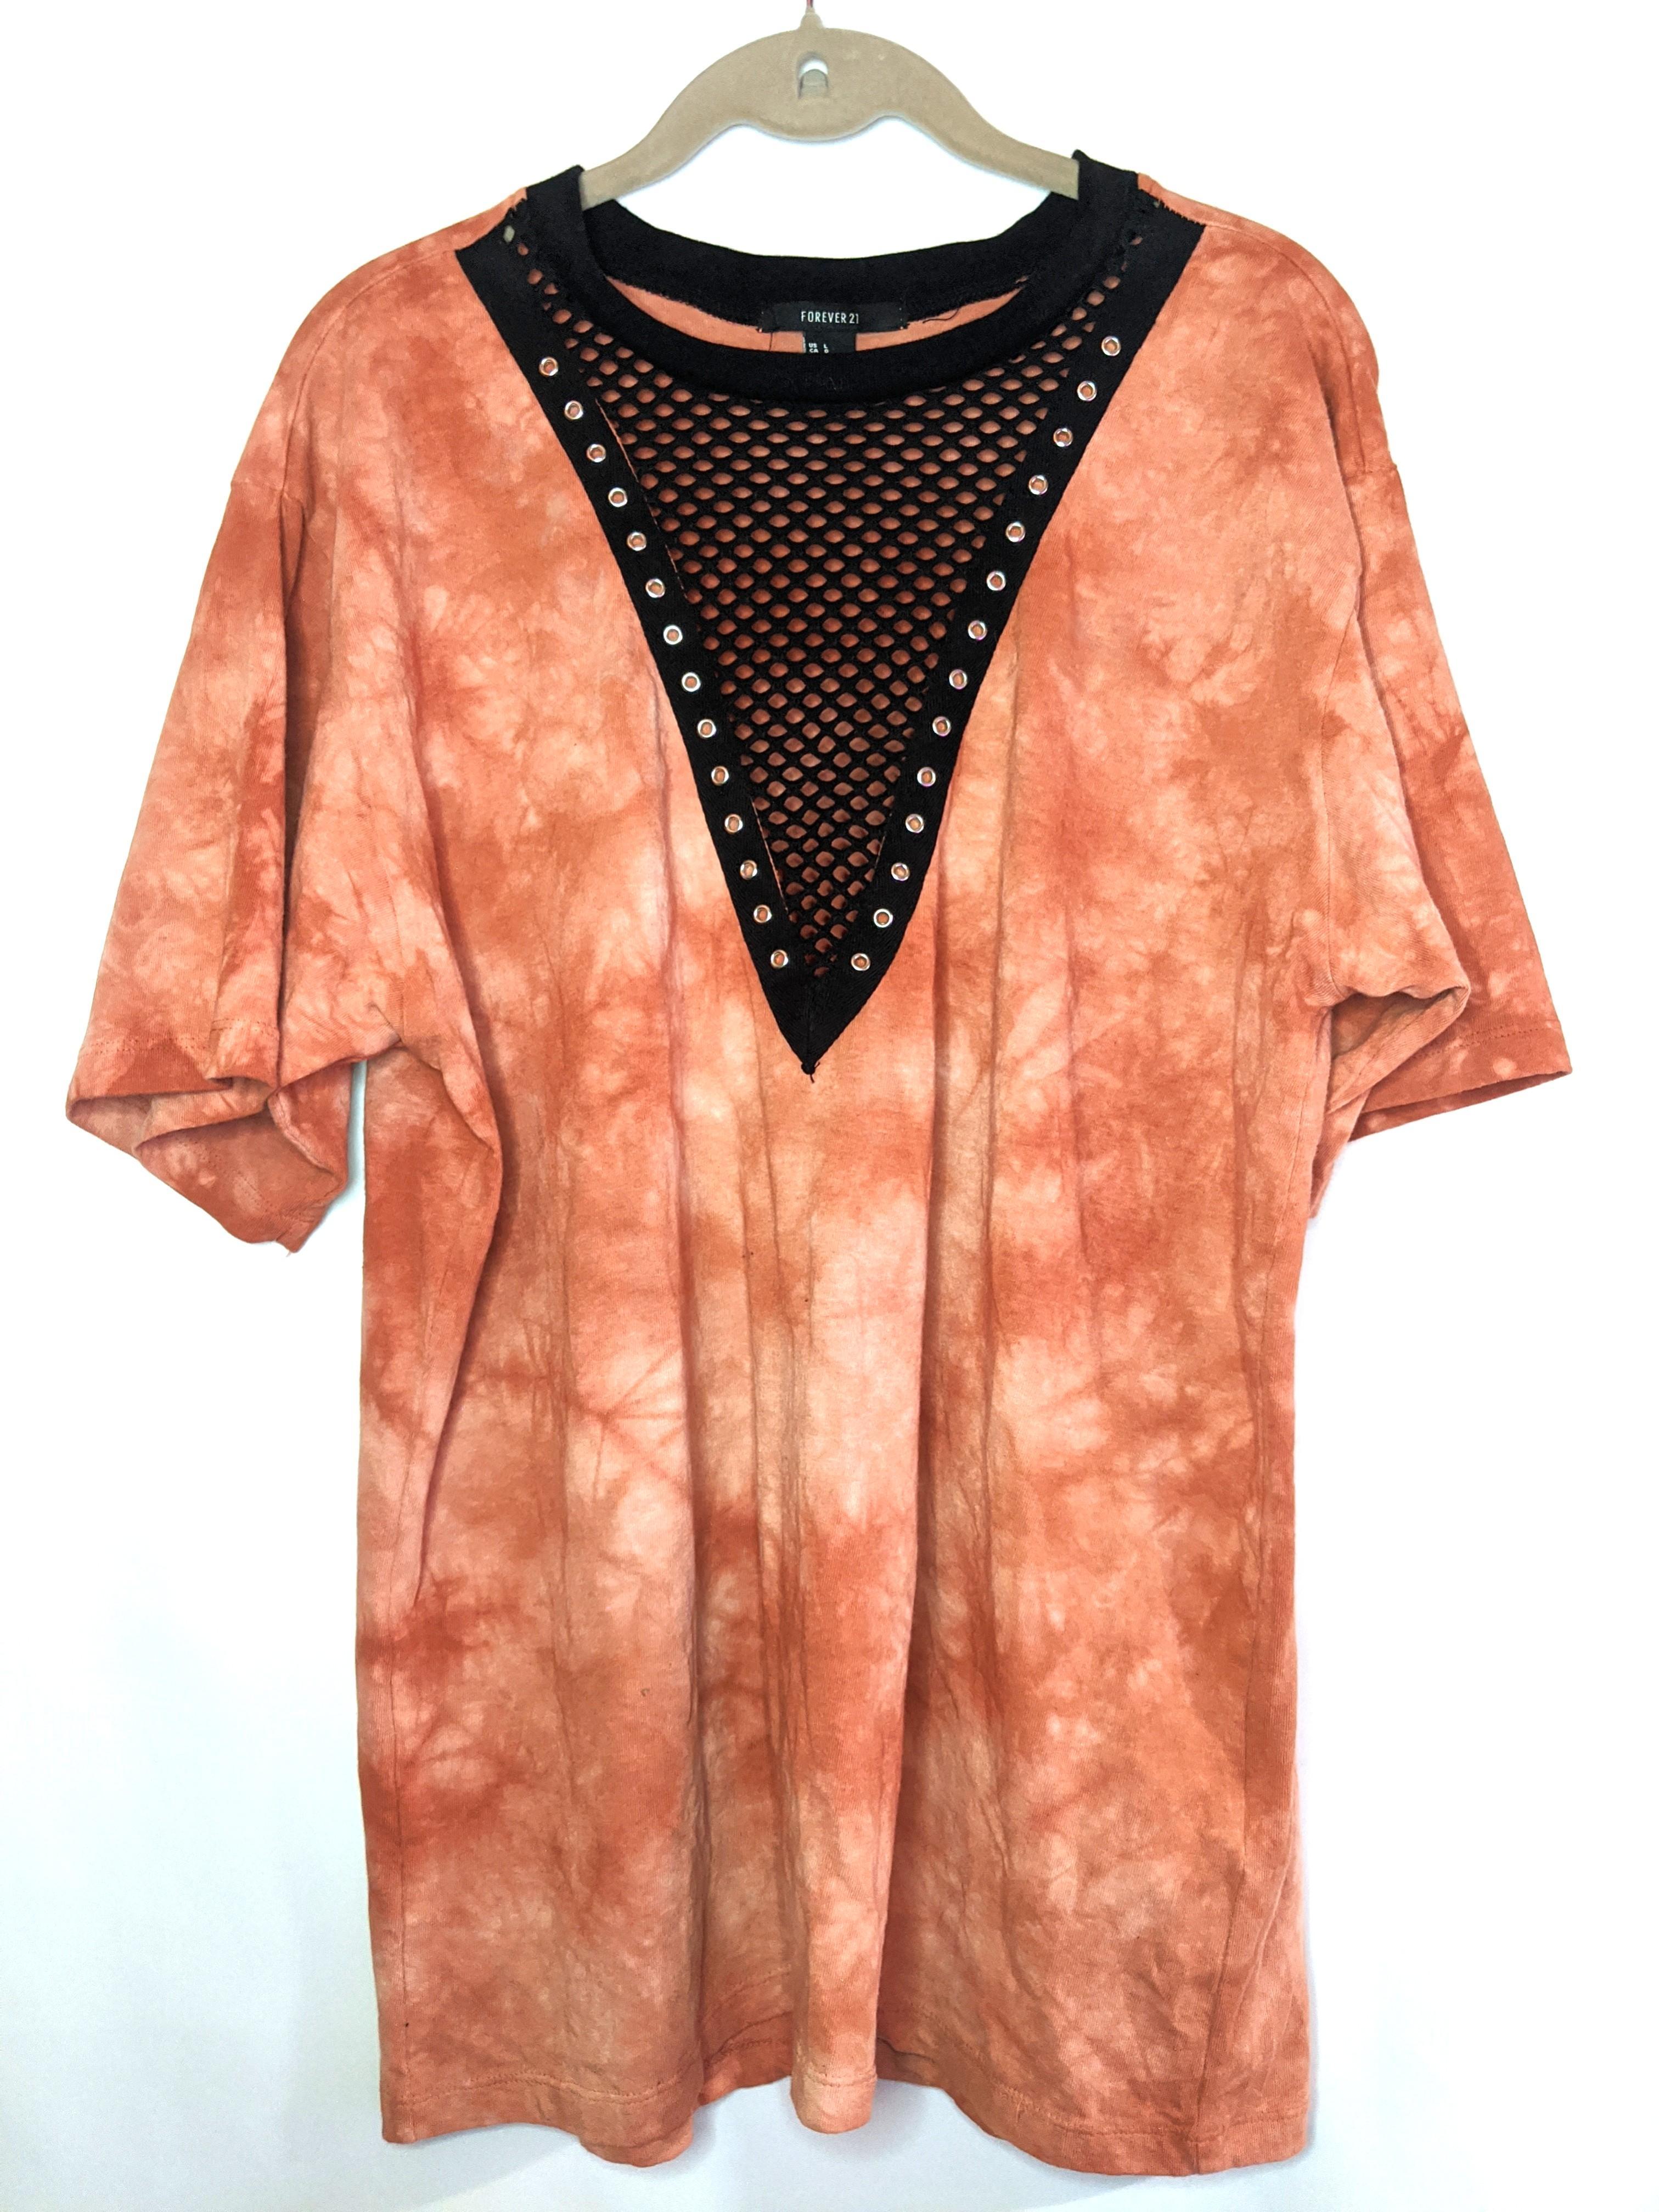 F21 tie dye/mesh top (L)